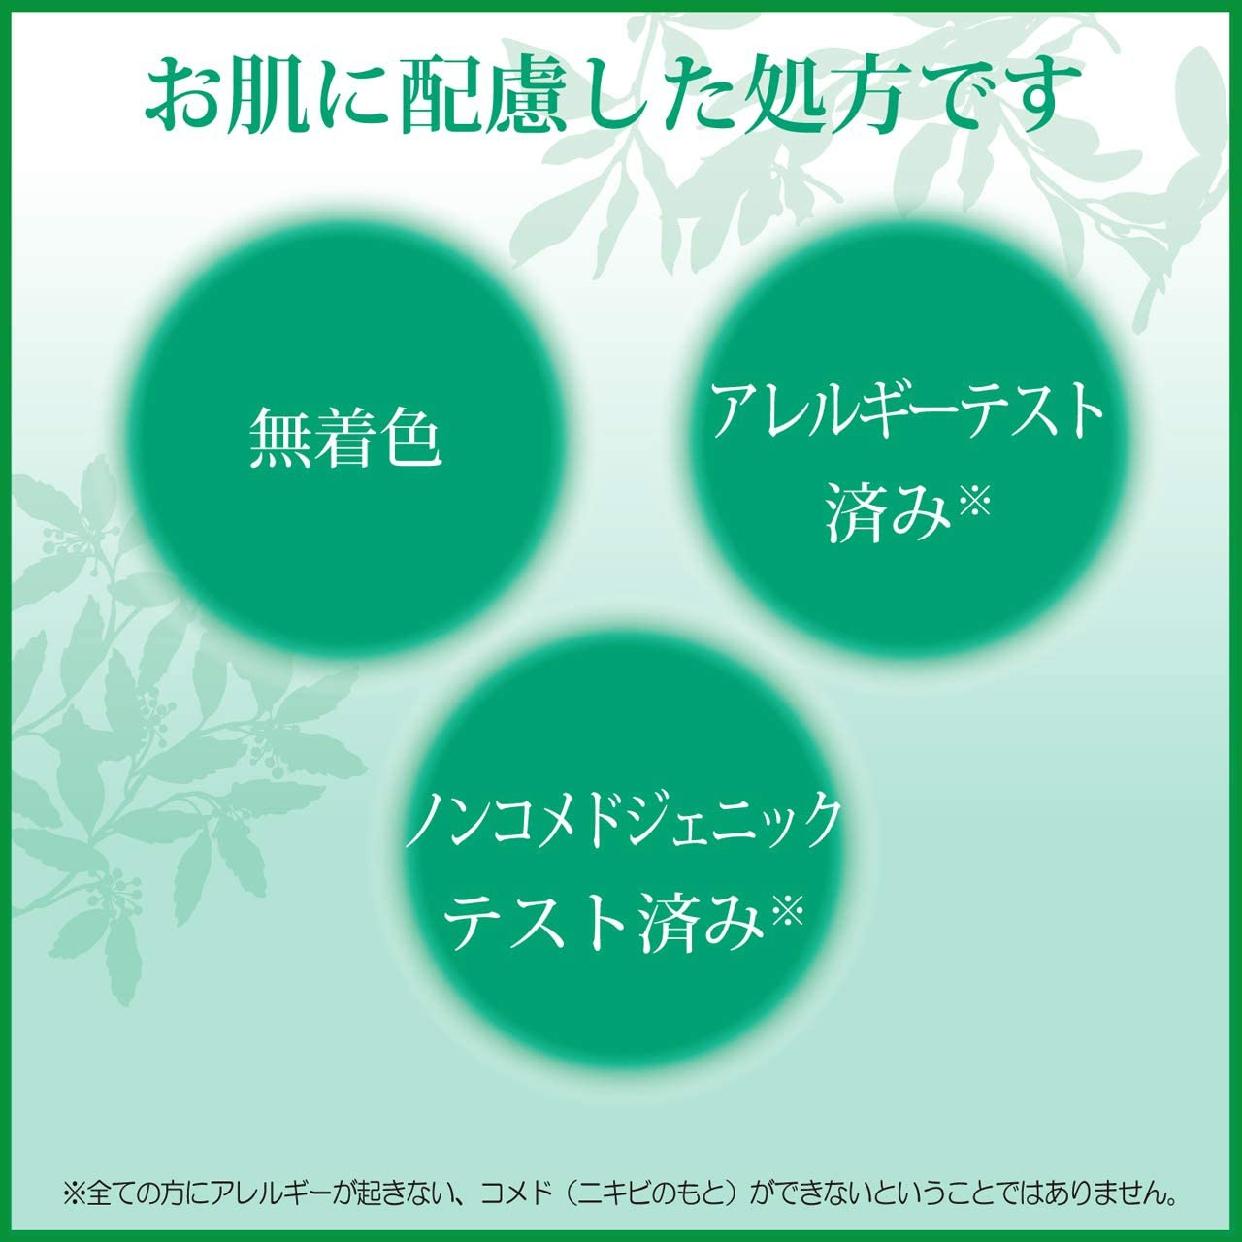 肌美精(HADABISEI) 大人のニキビ対策 薬用美白化粧水の商品画像12